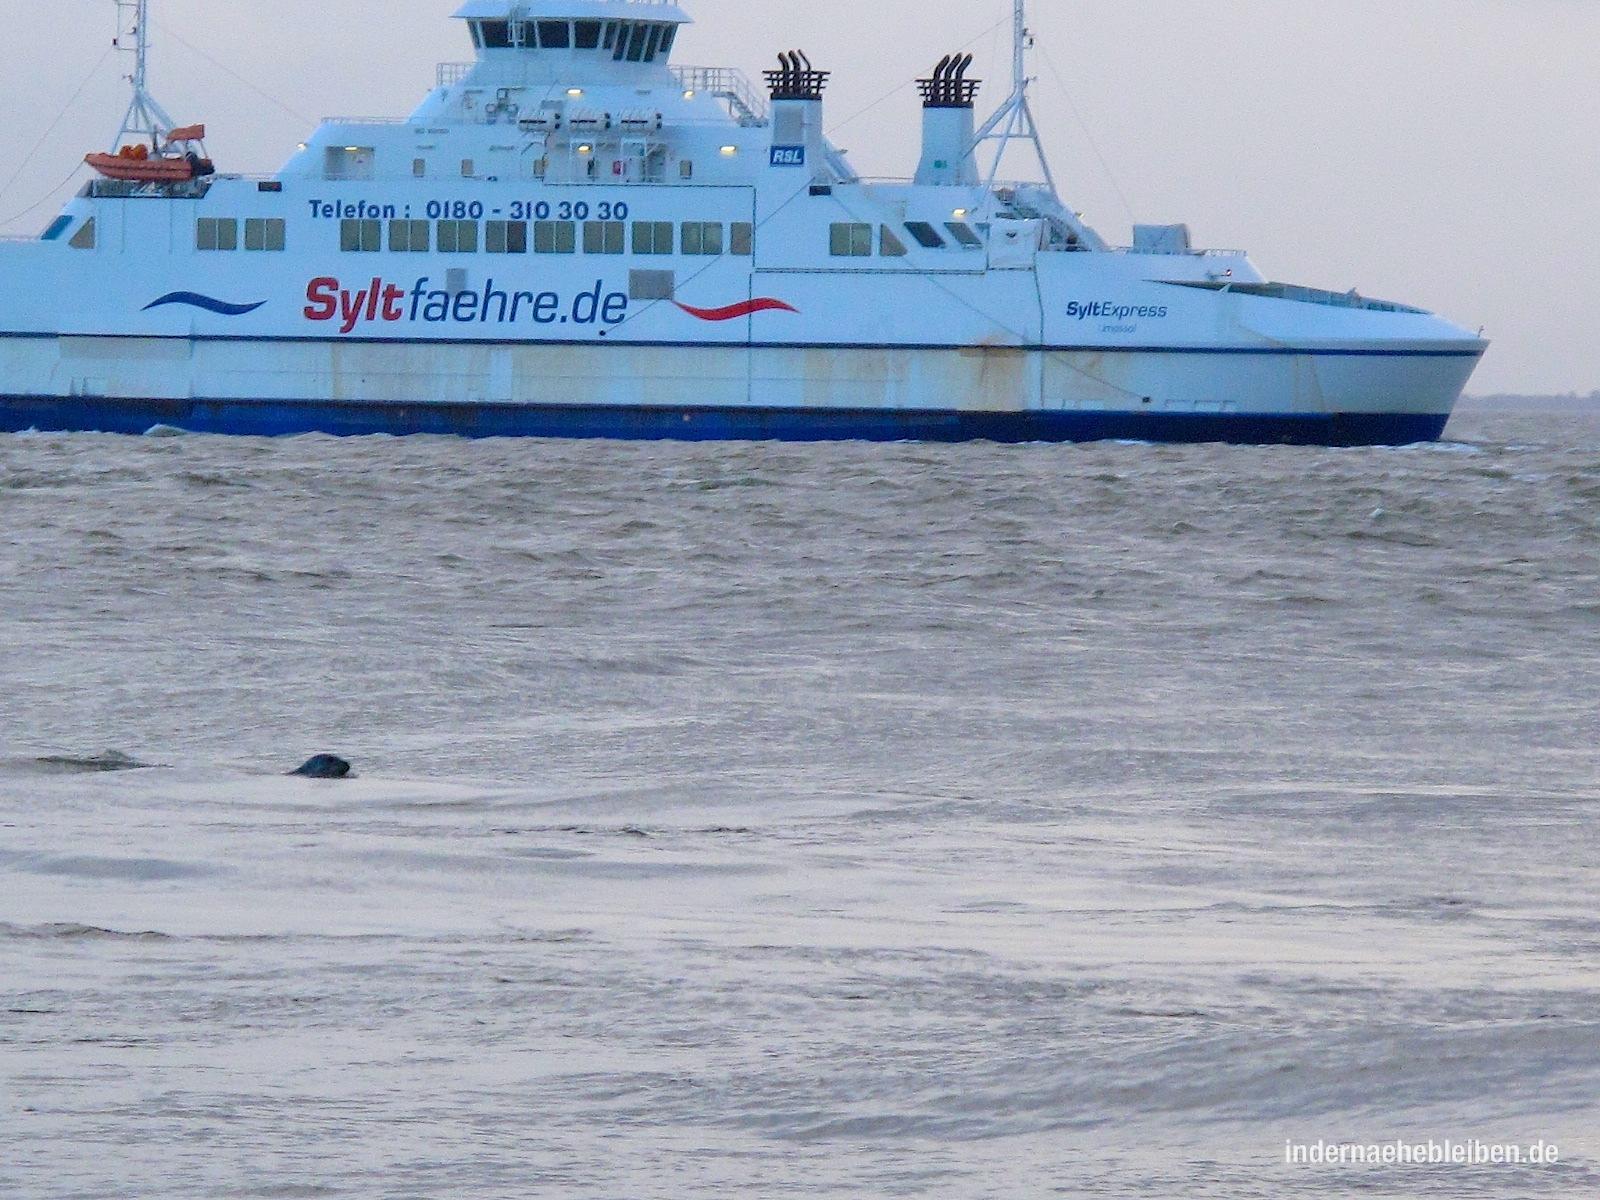 Seehund vor Syltfähre